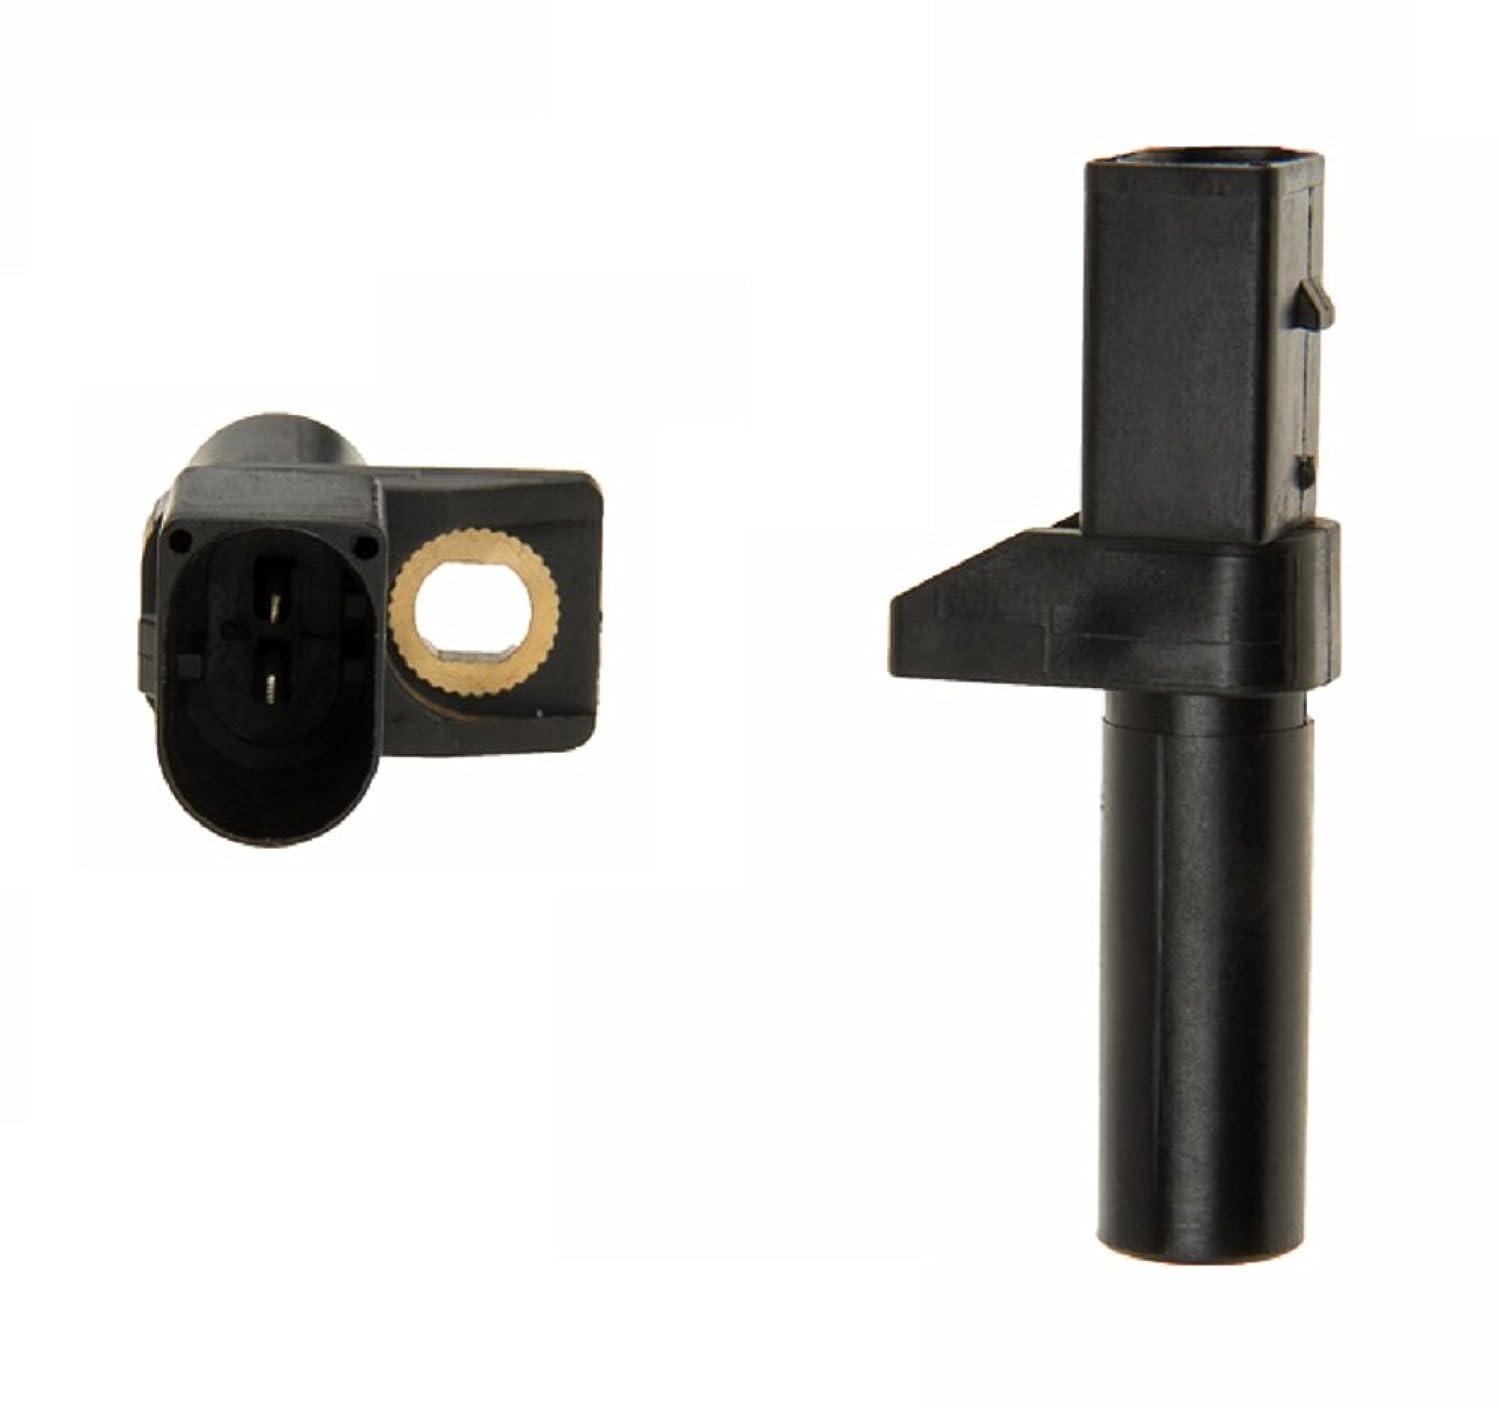 MTC 3358/003-153-28-28 Crankshaft Position Sensor (Mercedes models)